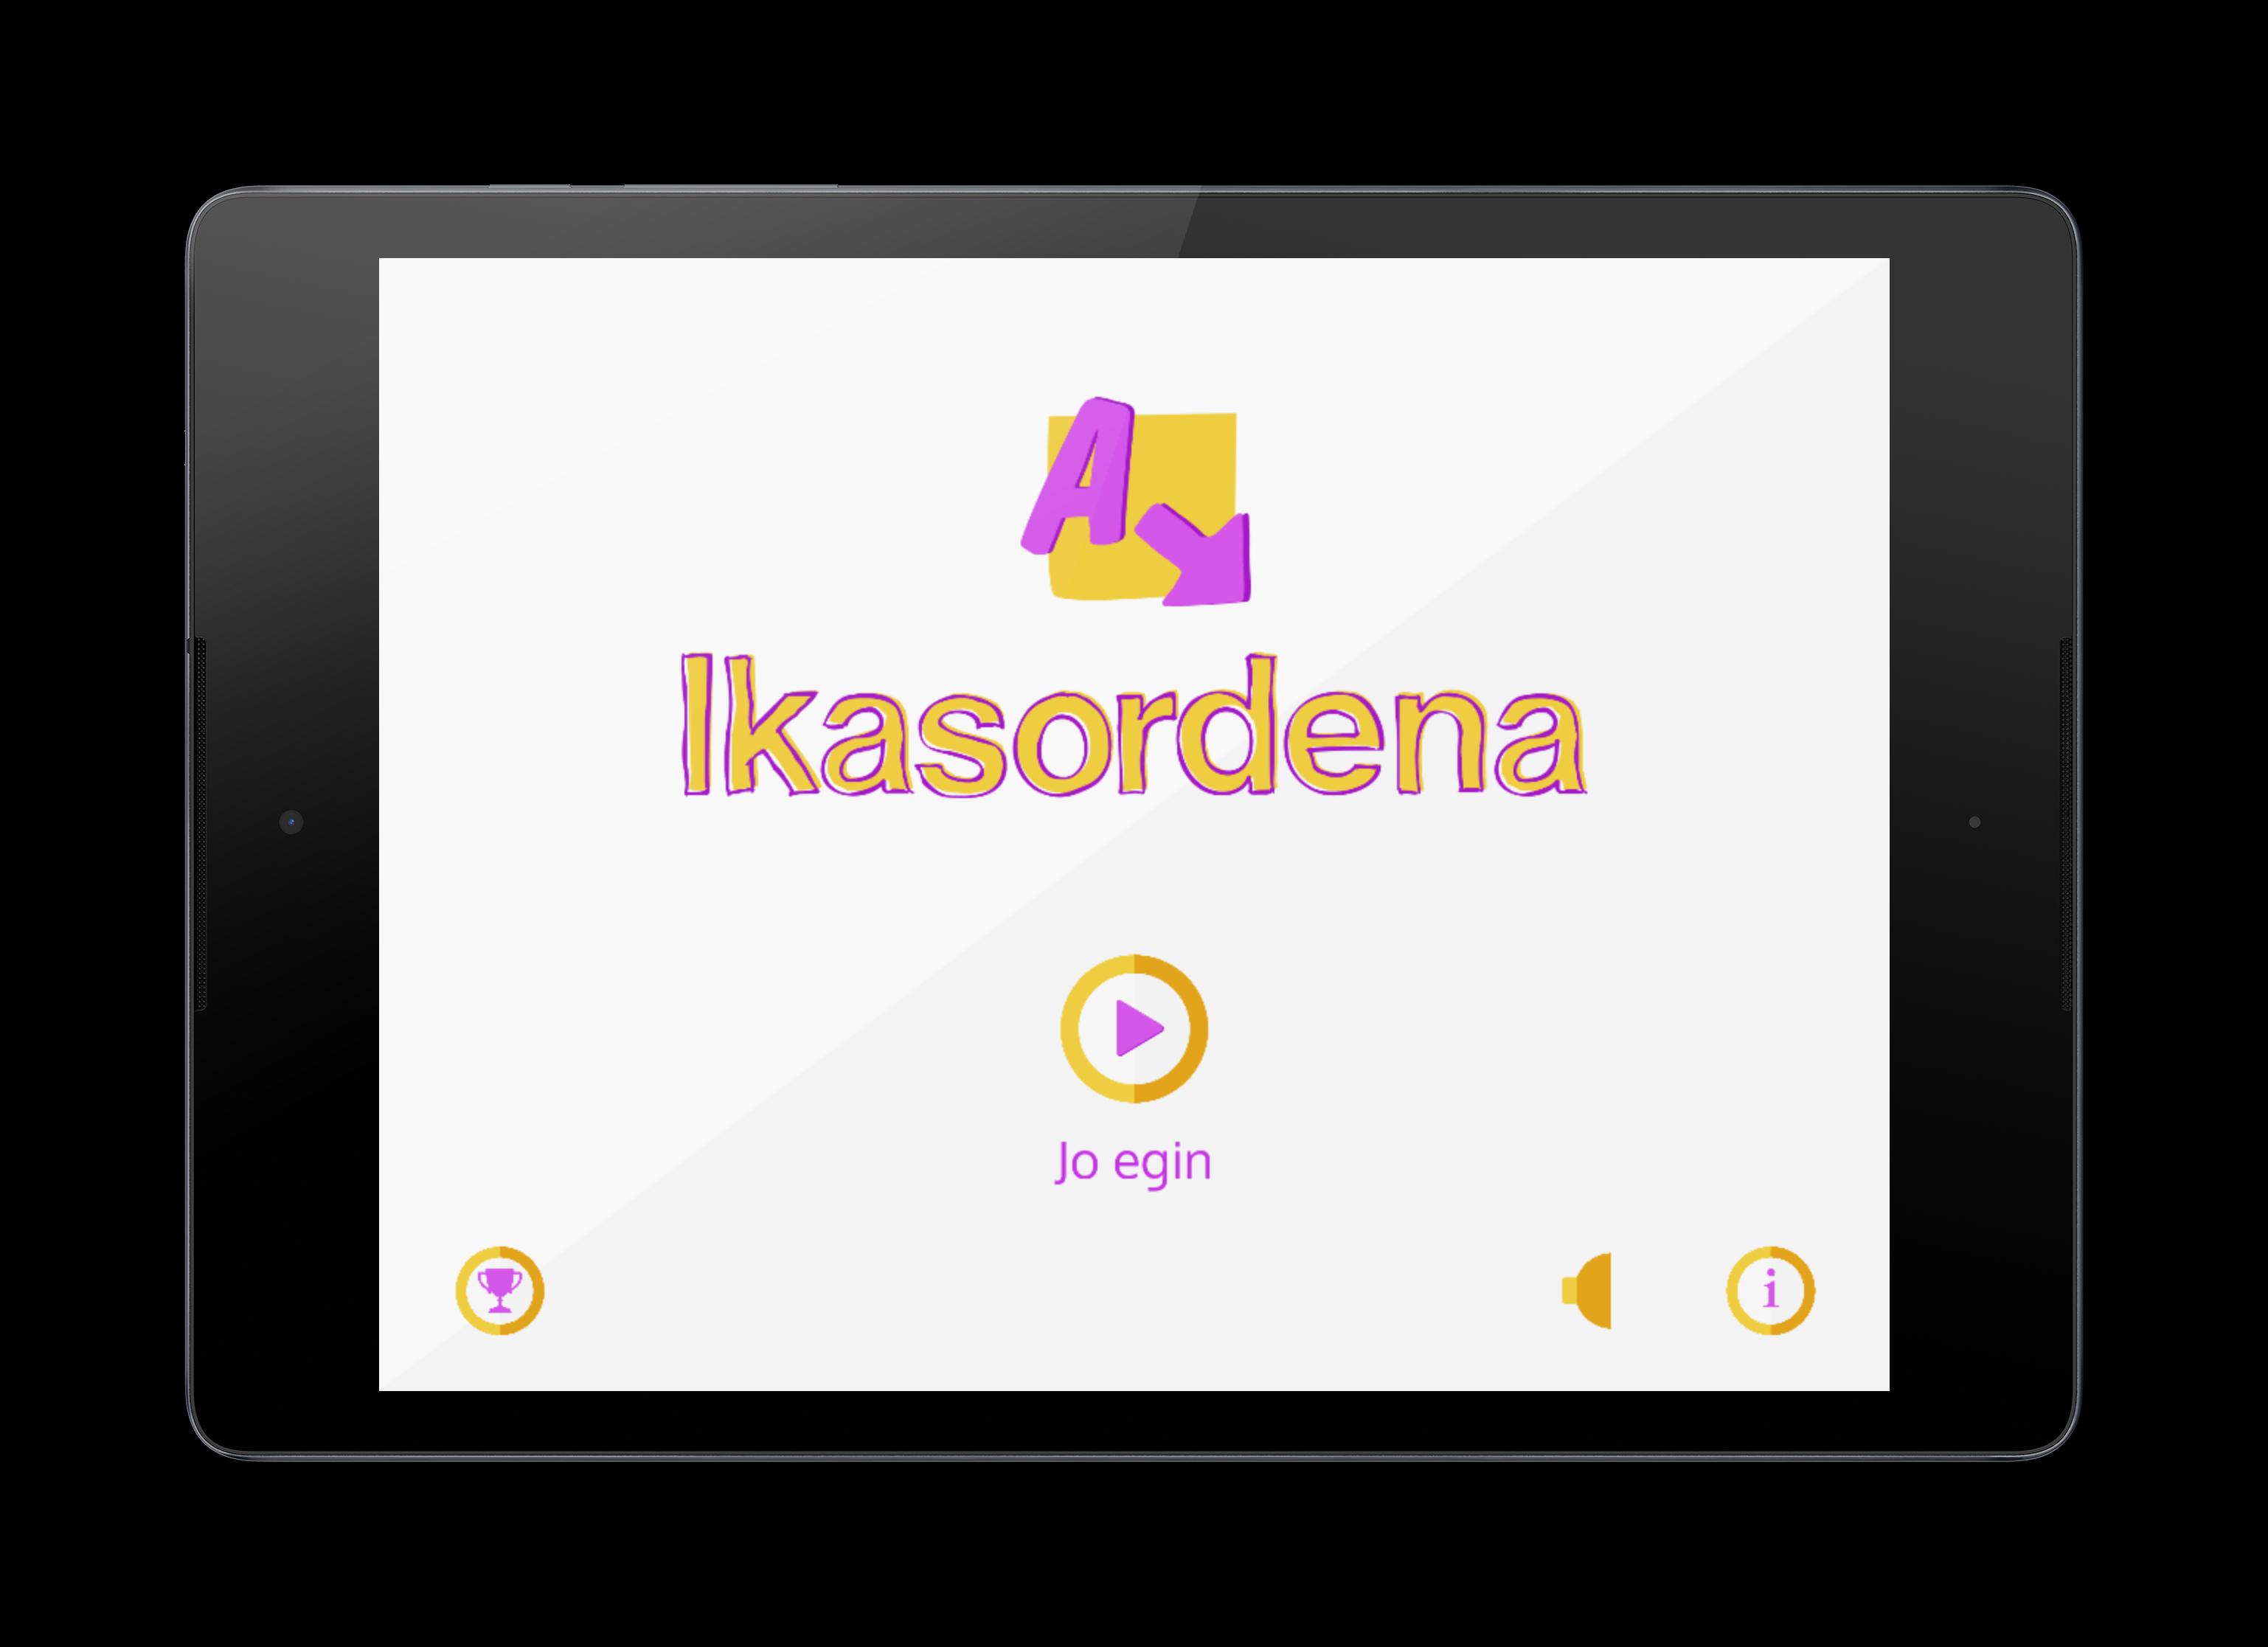 ikasordena-ipad-android-tablet-